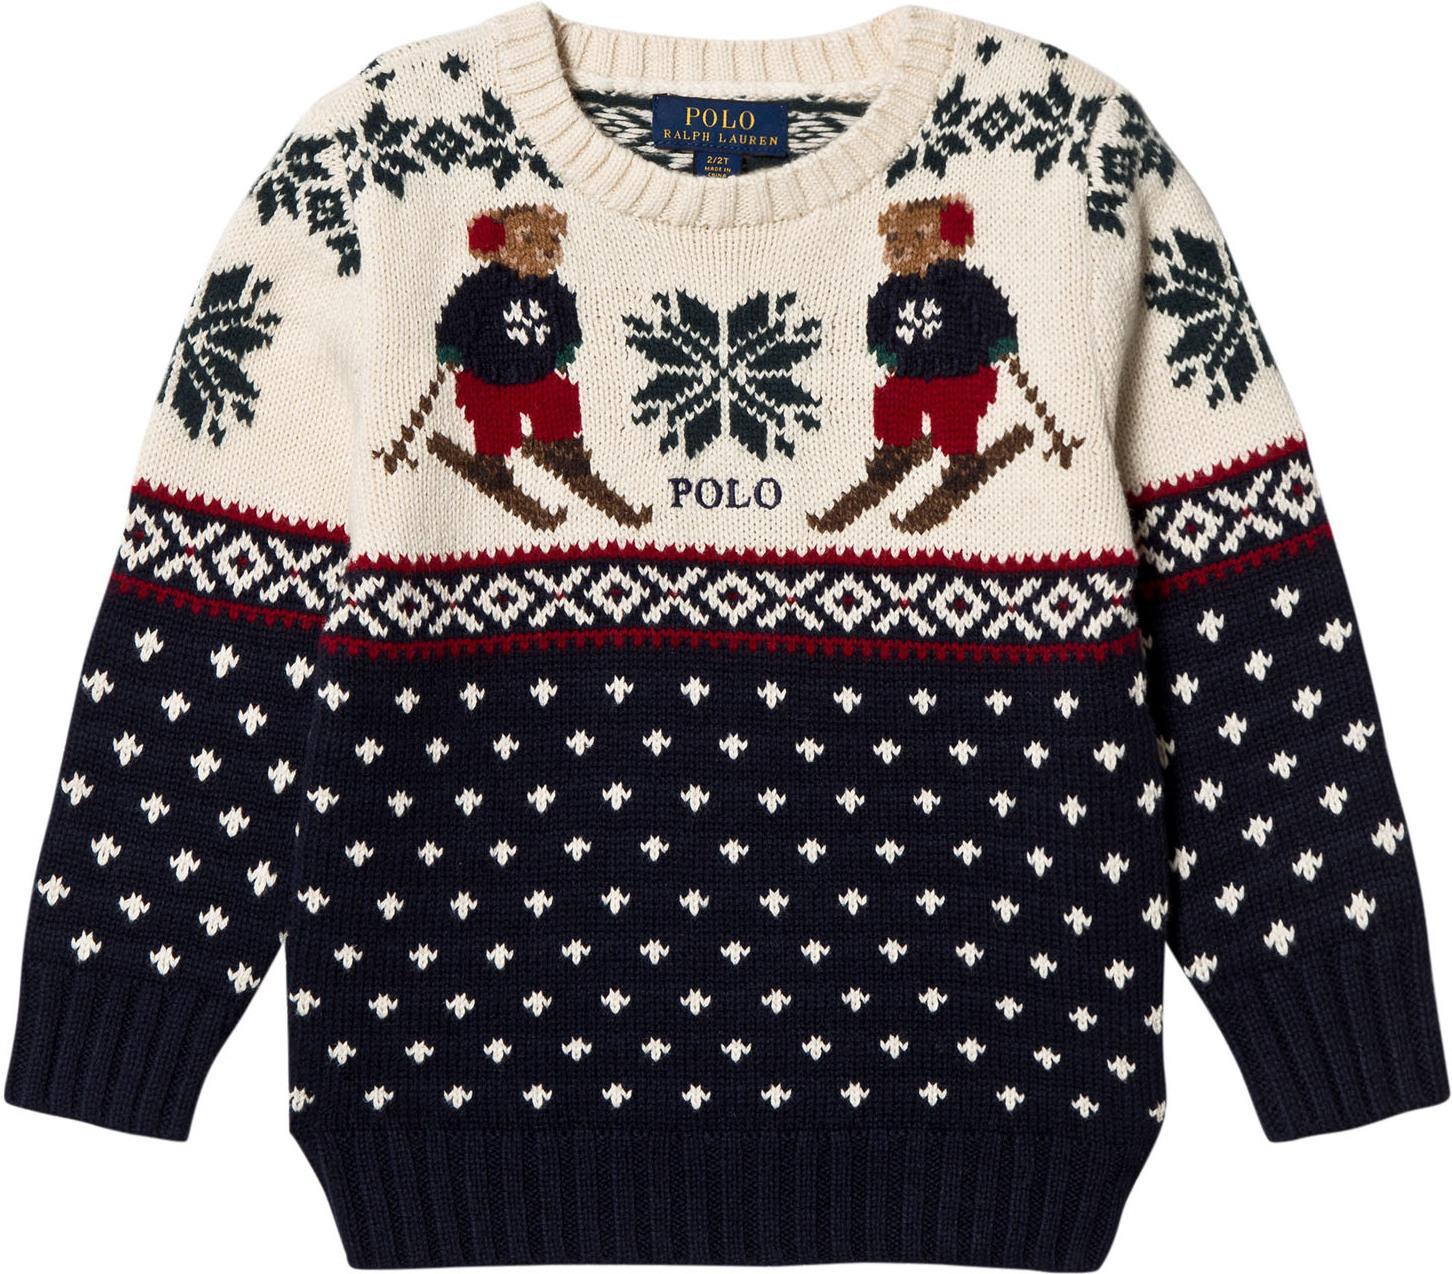 e061e089 Best pris på Ralph Lauren Bear Knit Sweater - Se priser før kjøp i  Prisguiden